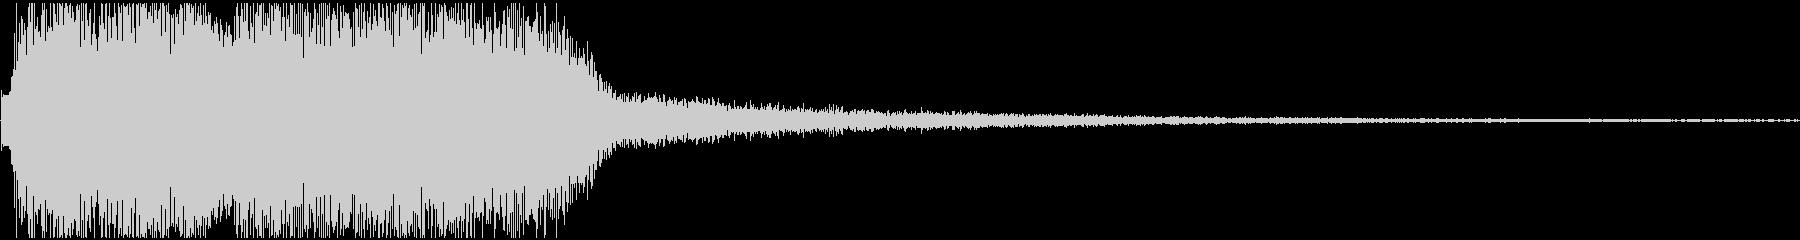 ジャーン効果音の未再生の波形